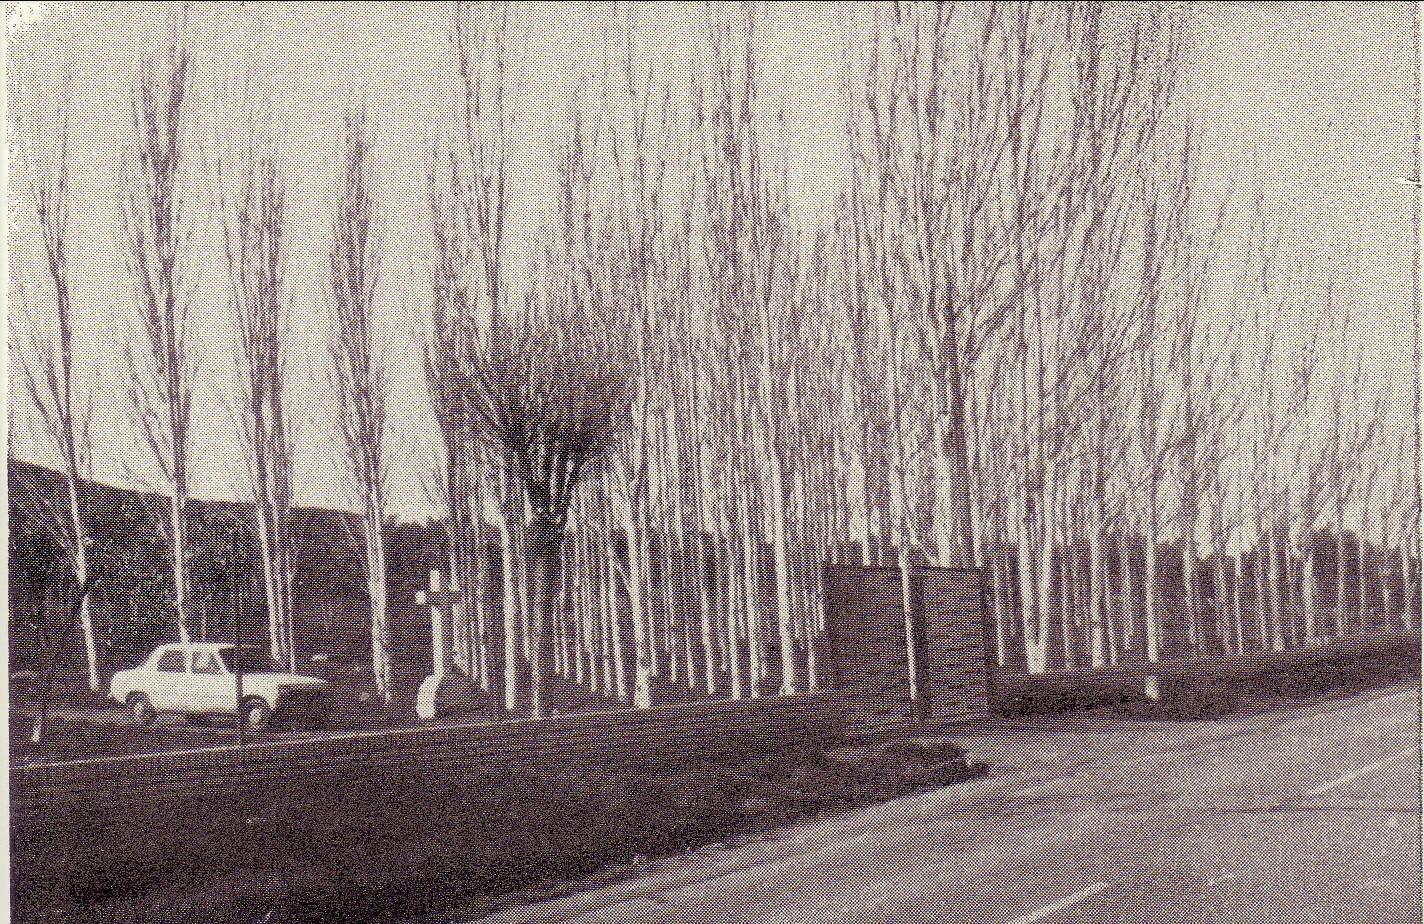 Cerramiento Parque la Rincona 1977